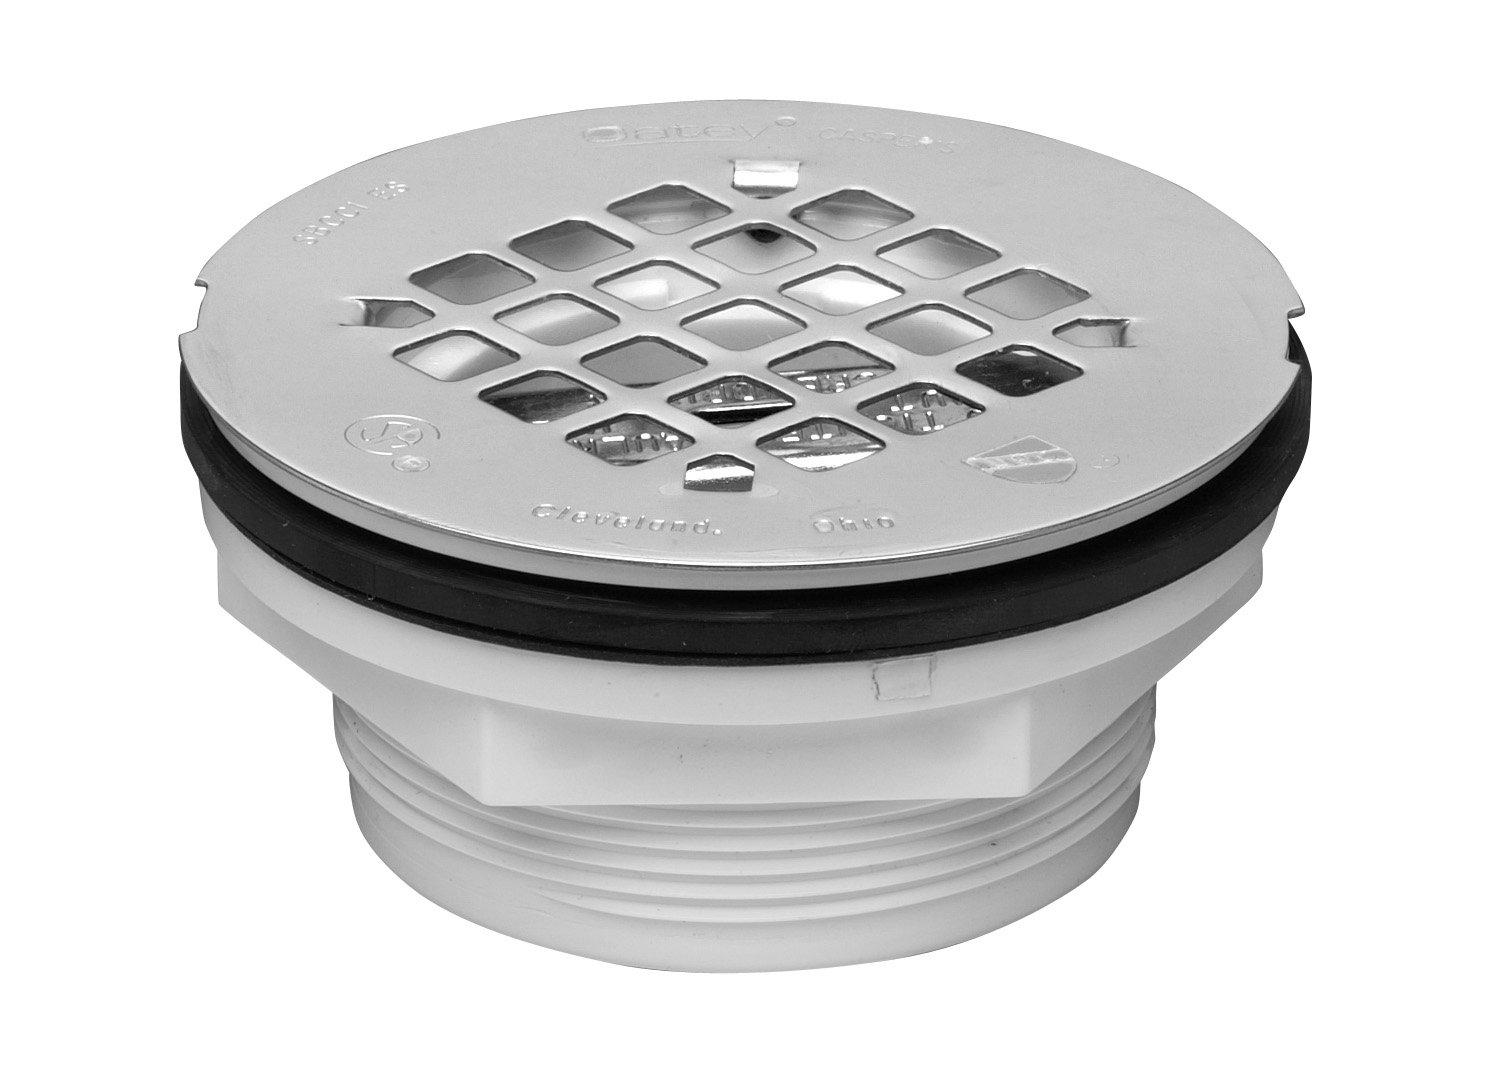 Oatey 4.2 x 4.2 x 1.9 42099 Shower Drain, 4.2'' x 4.2'' x 1.9'', metallic by Oatey